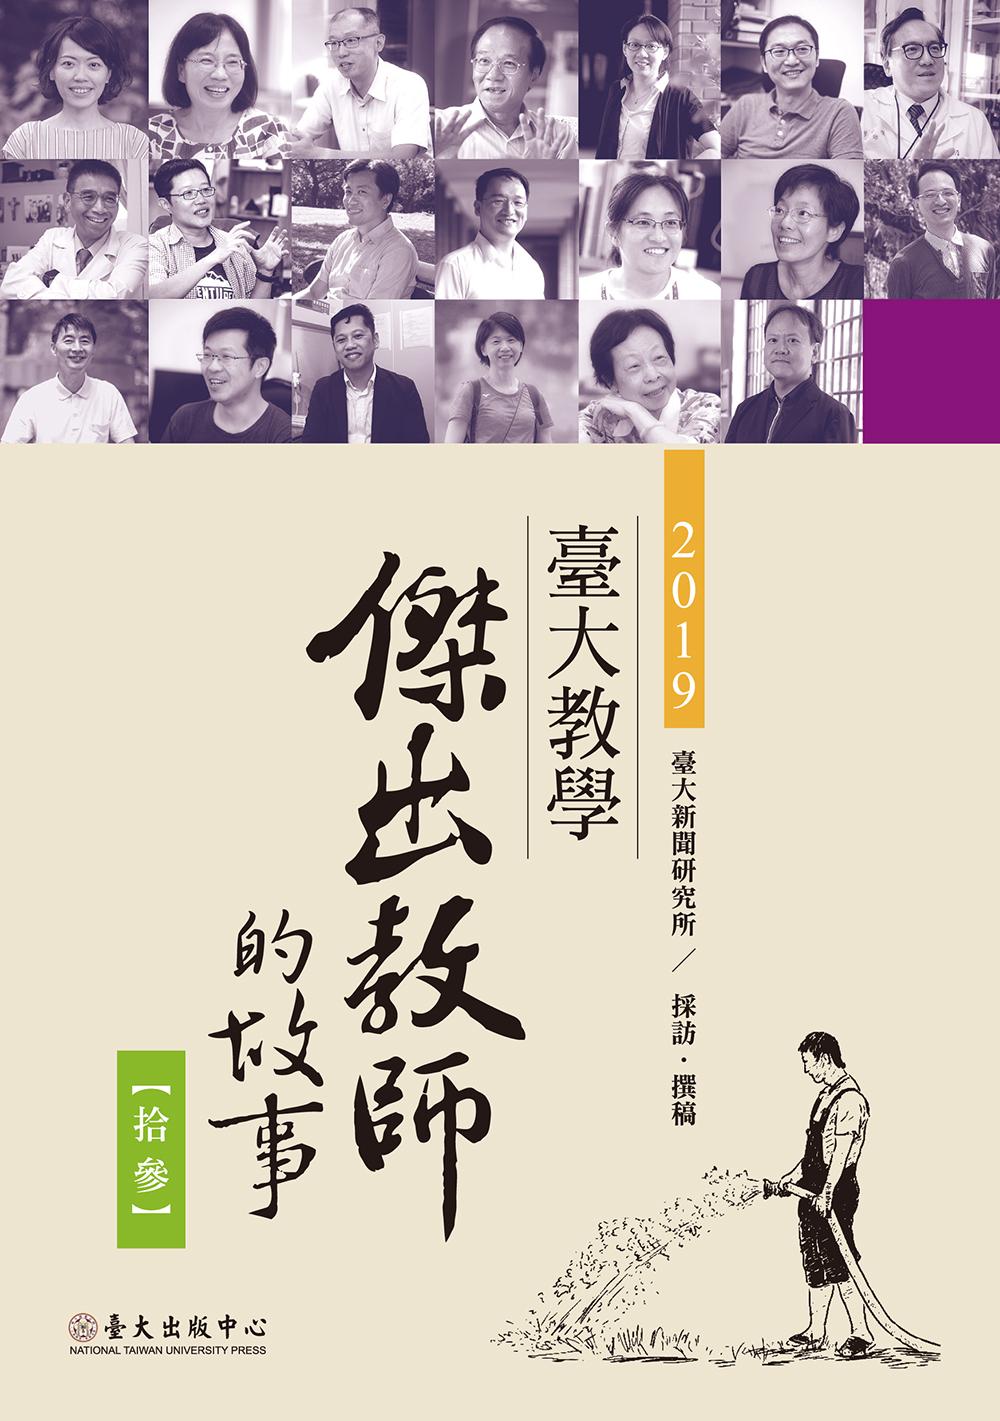 臺大教學傑出教師的故事 13